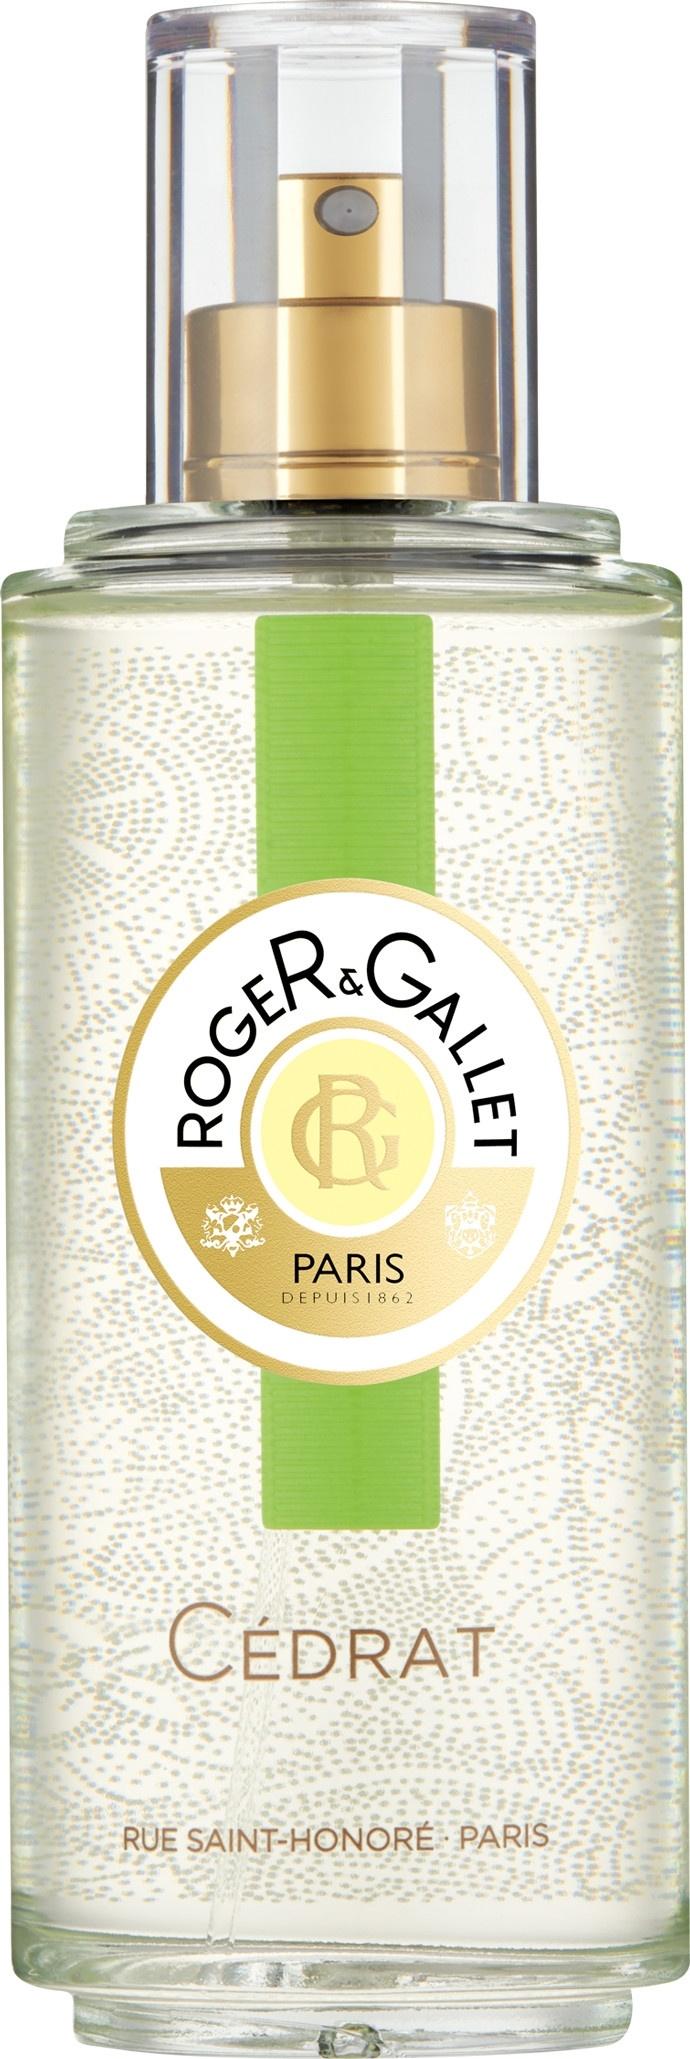 Roger & Gallet Cedrat Fragrant Water Spray 100ml